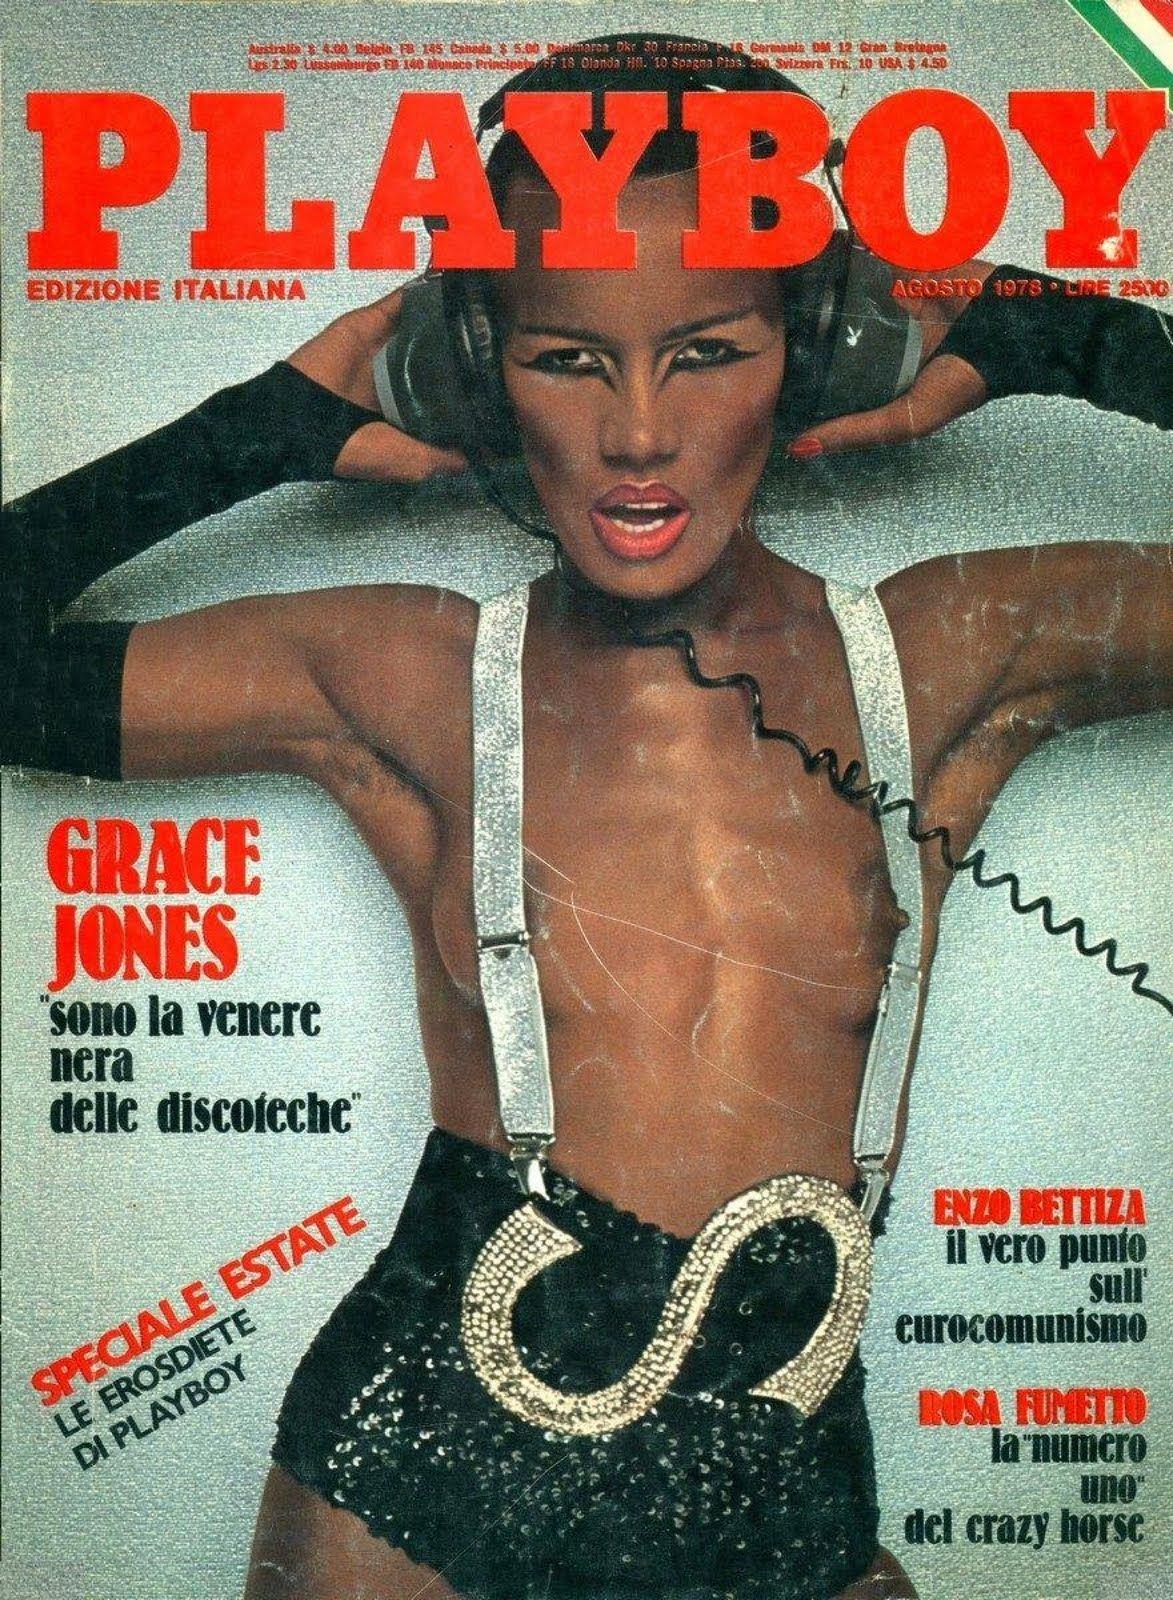 Grace Jones dans Playboy Italia (1978). Grace Jones , muse d'Andy Warhol & de Jean-Paul Goude, est l'une des grandes figures des années 70 et 80...